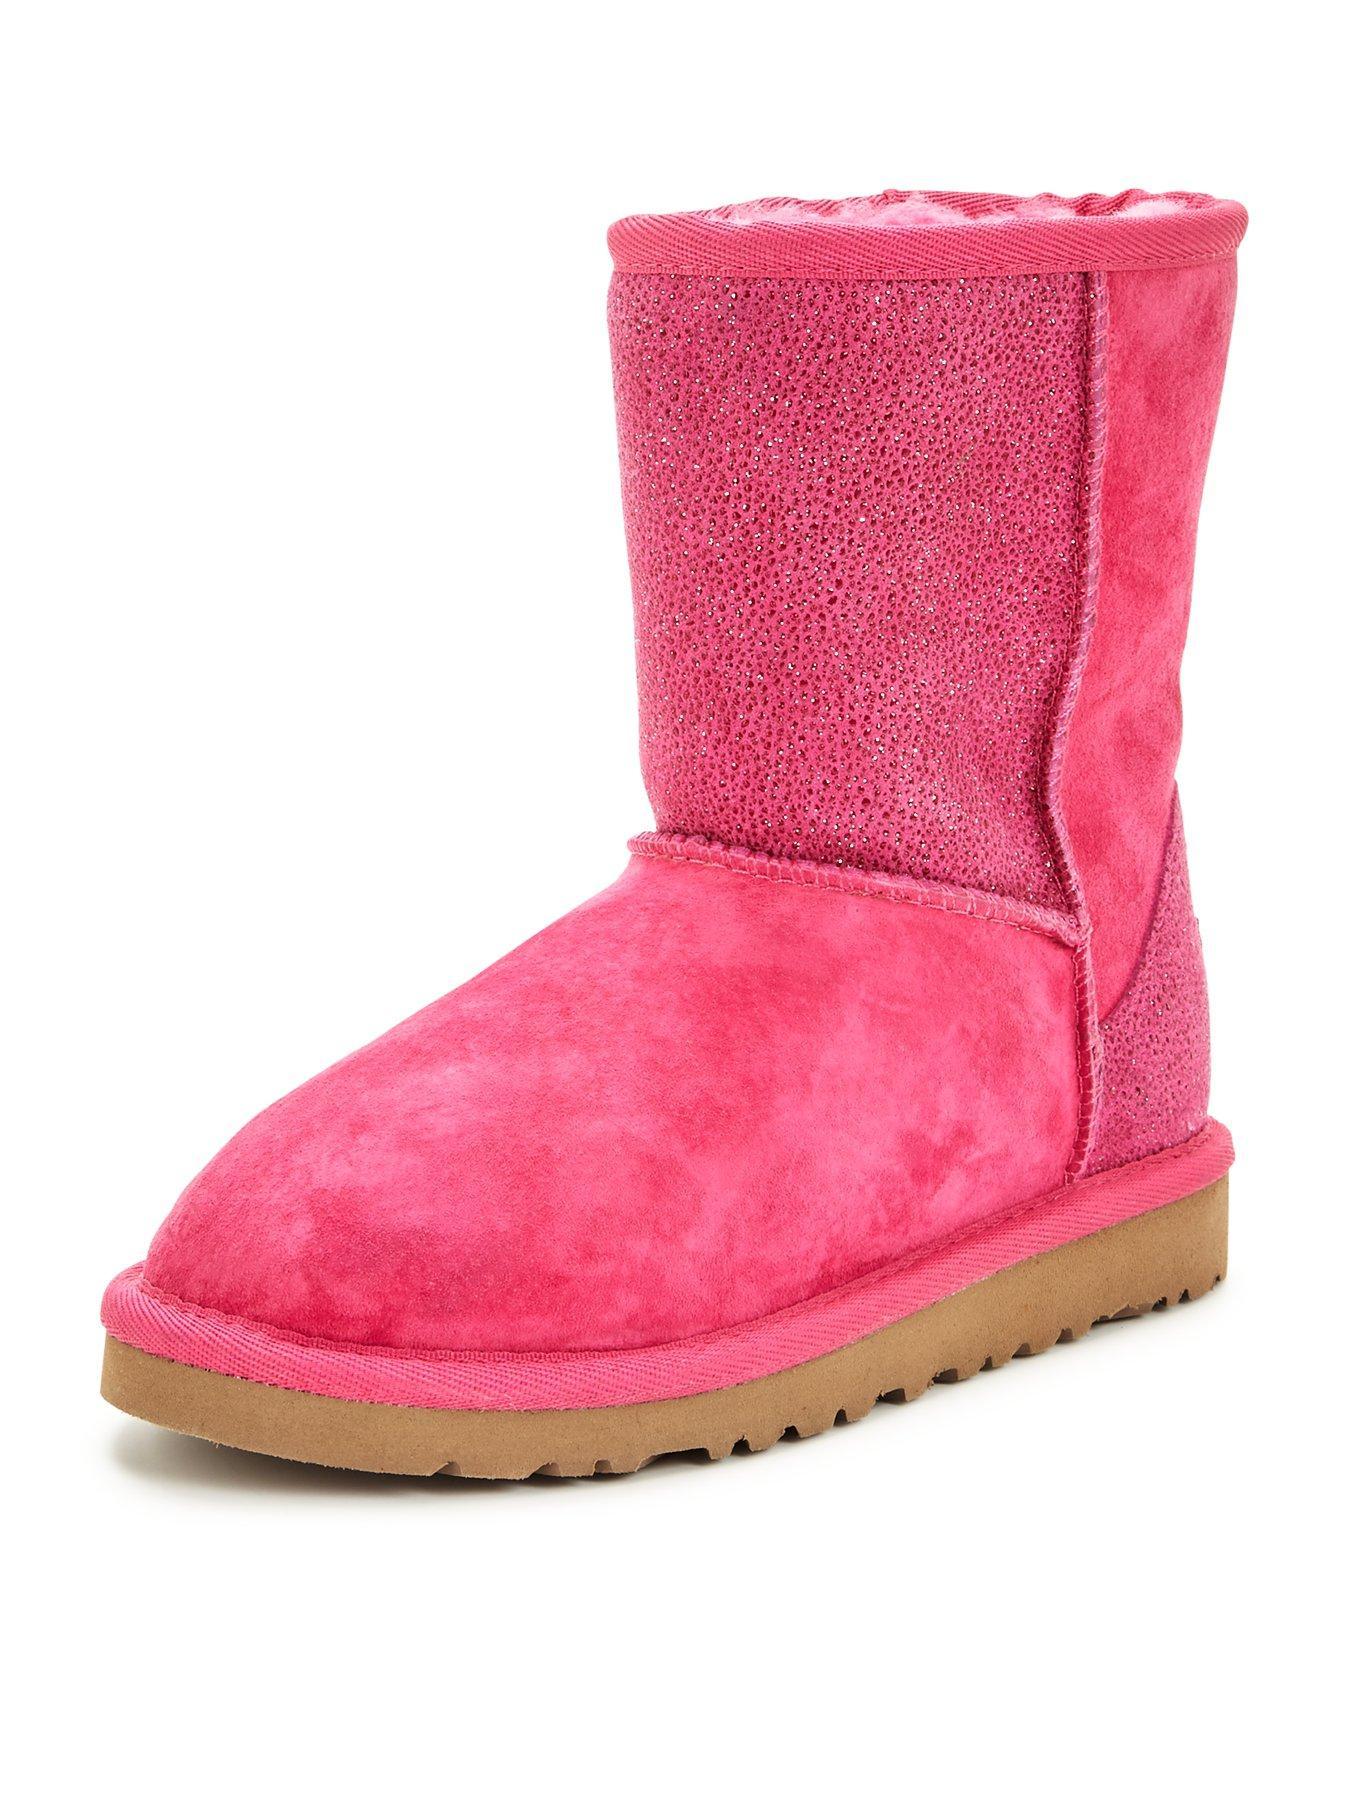 Cheap Ugg Boots